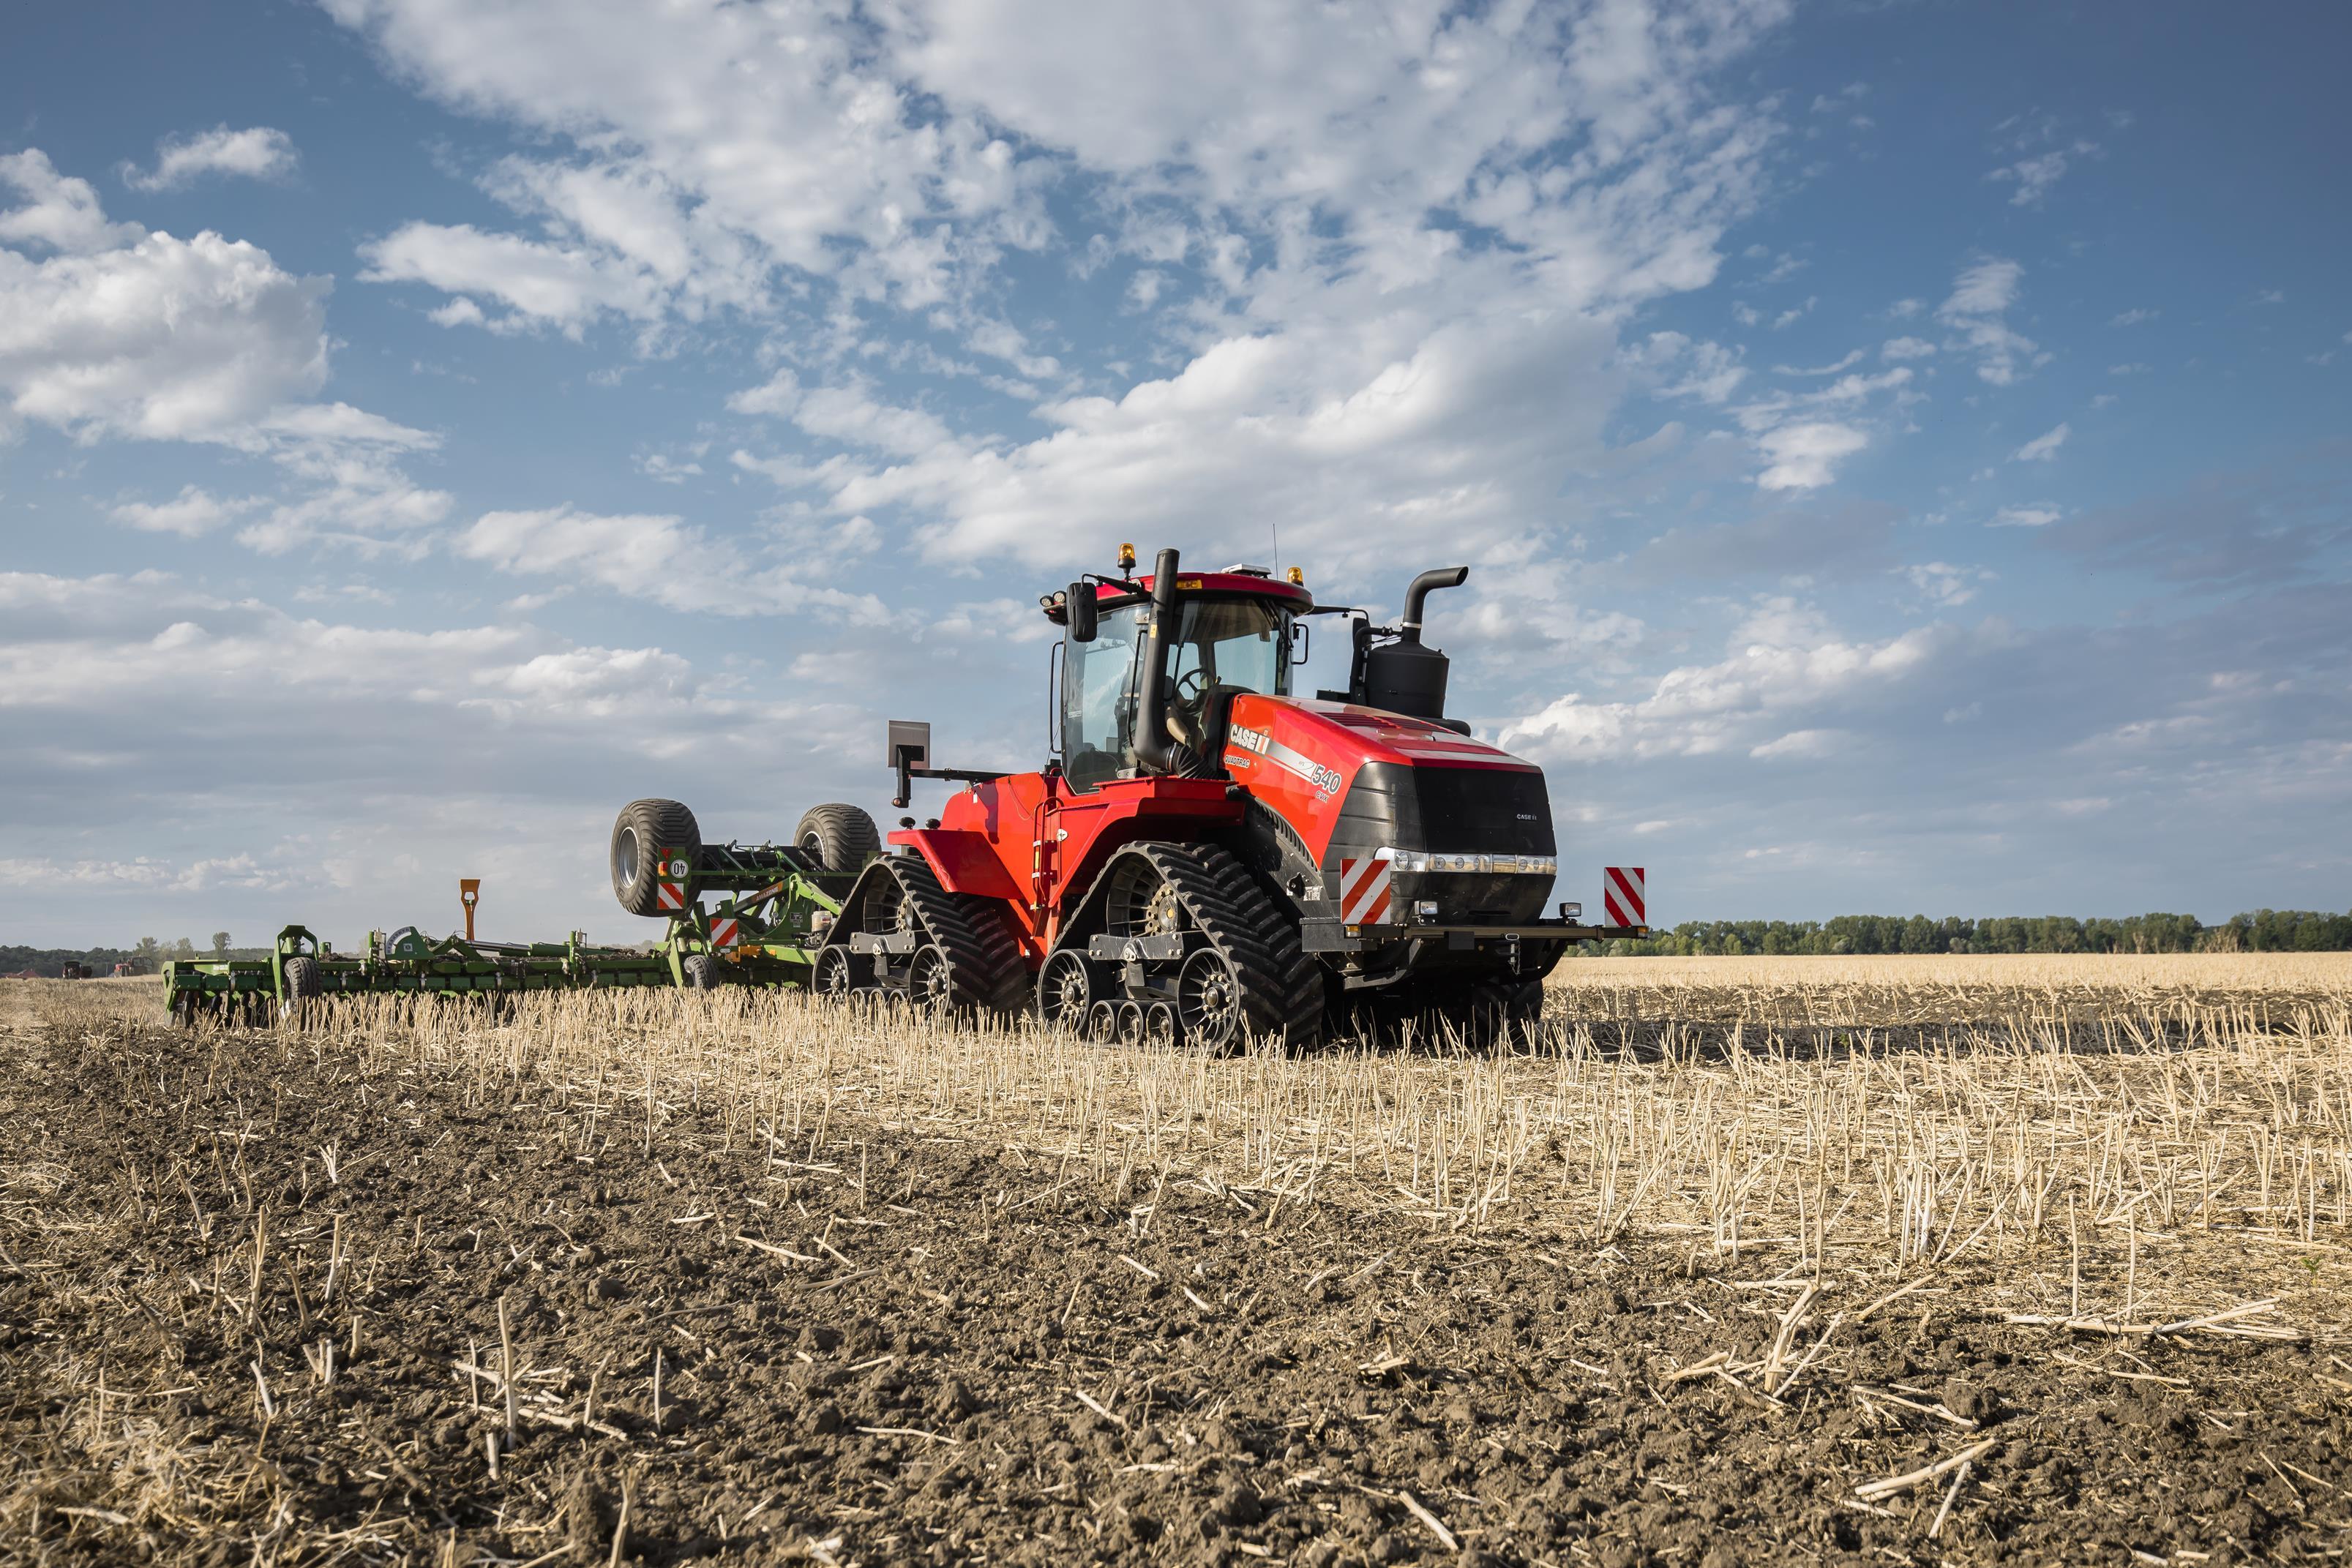 Новини компаній: Трактори Versum від Case IH отримали відзнаку «Машина року 2019»